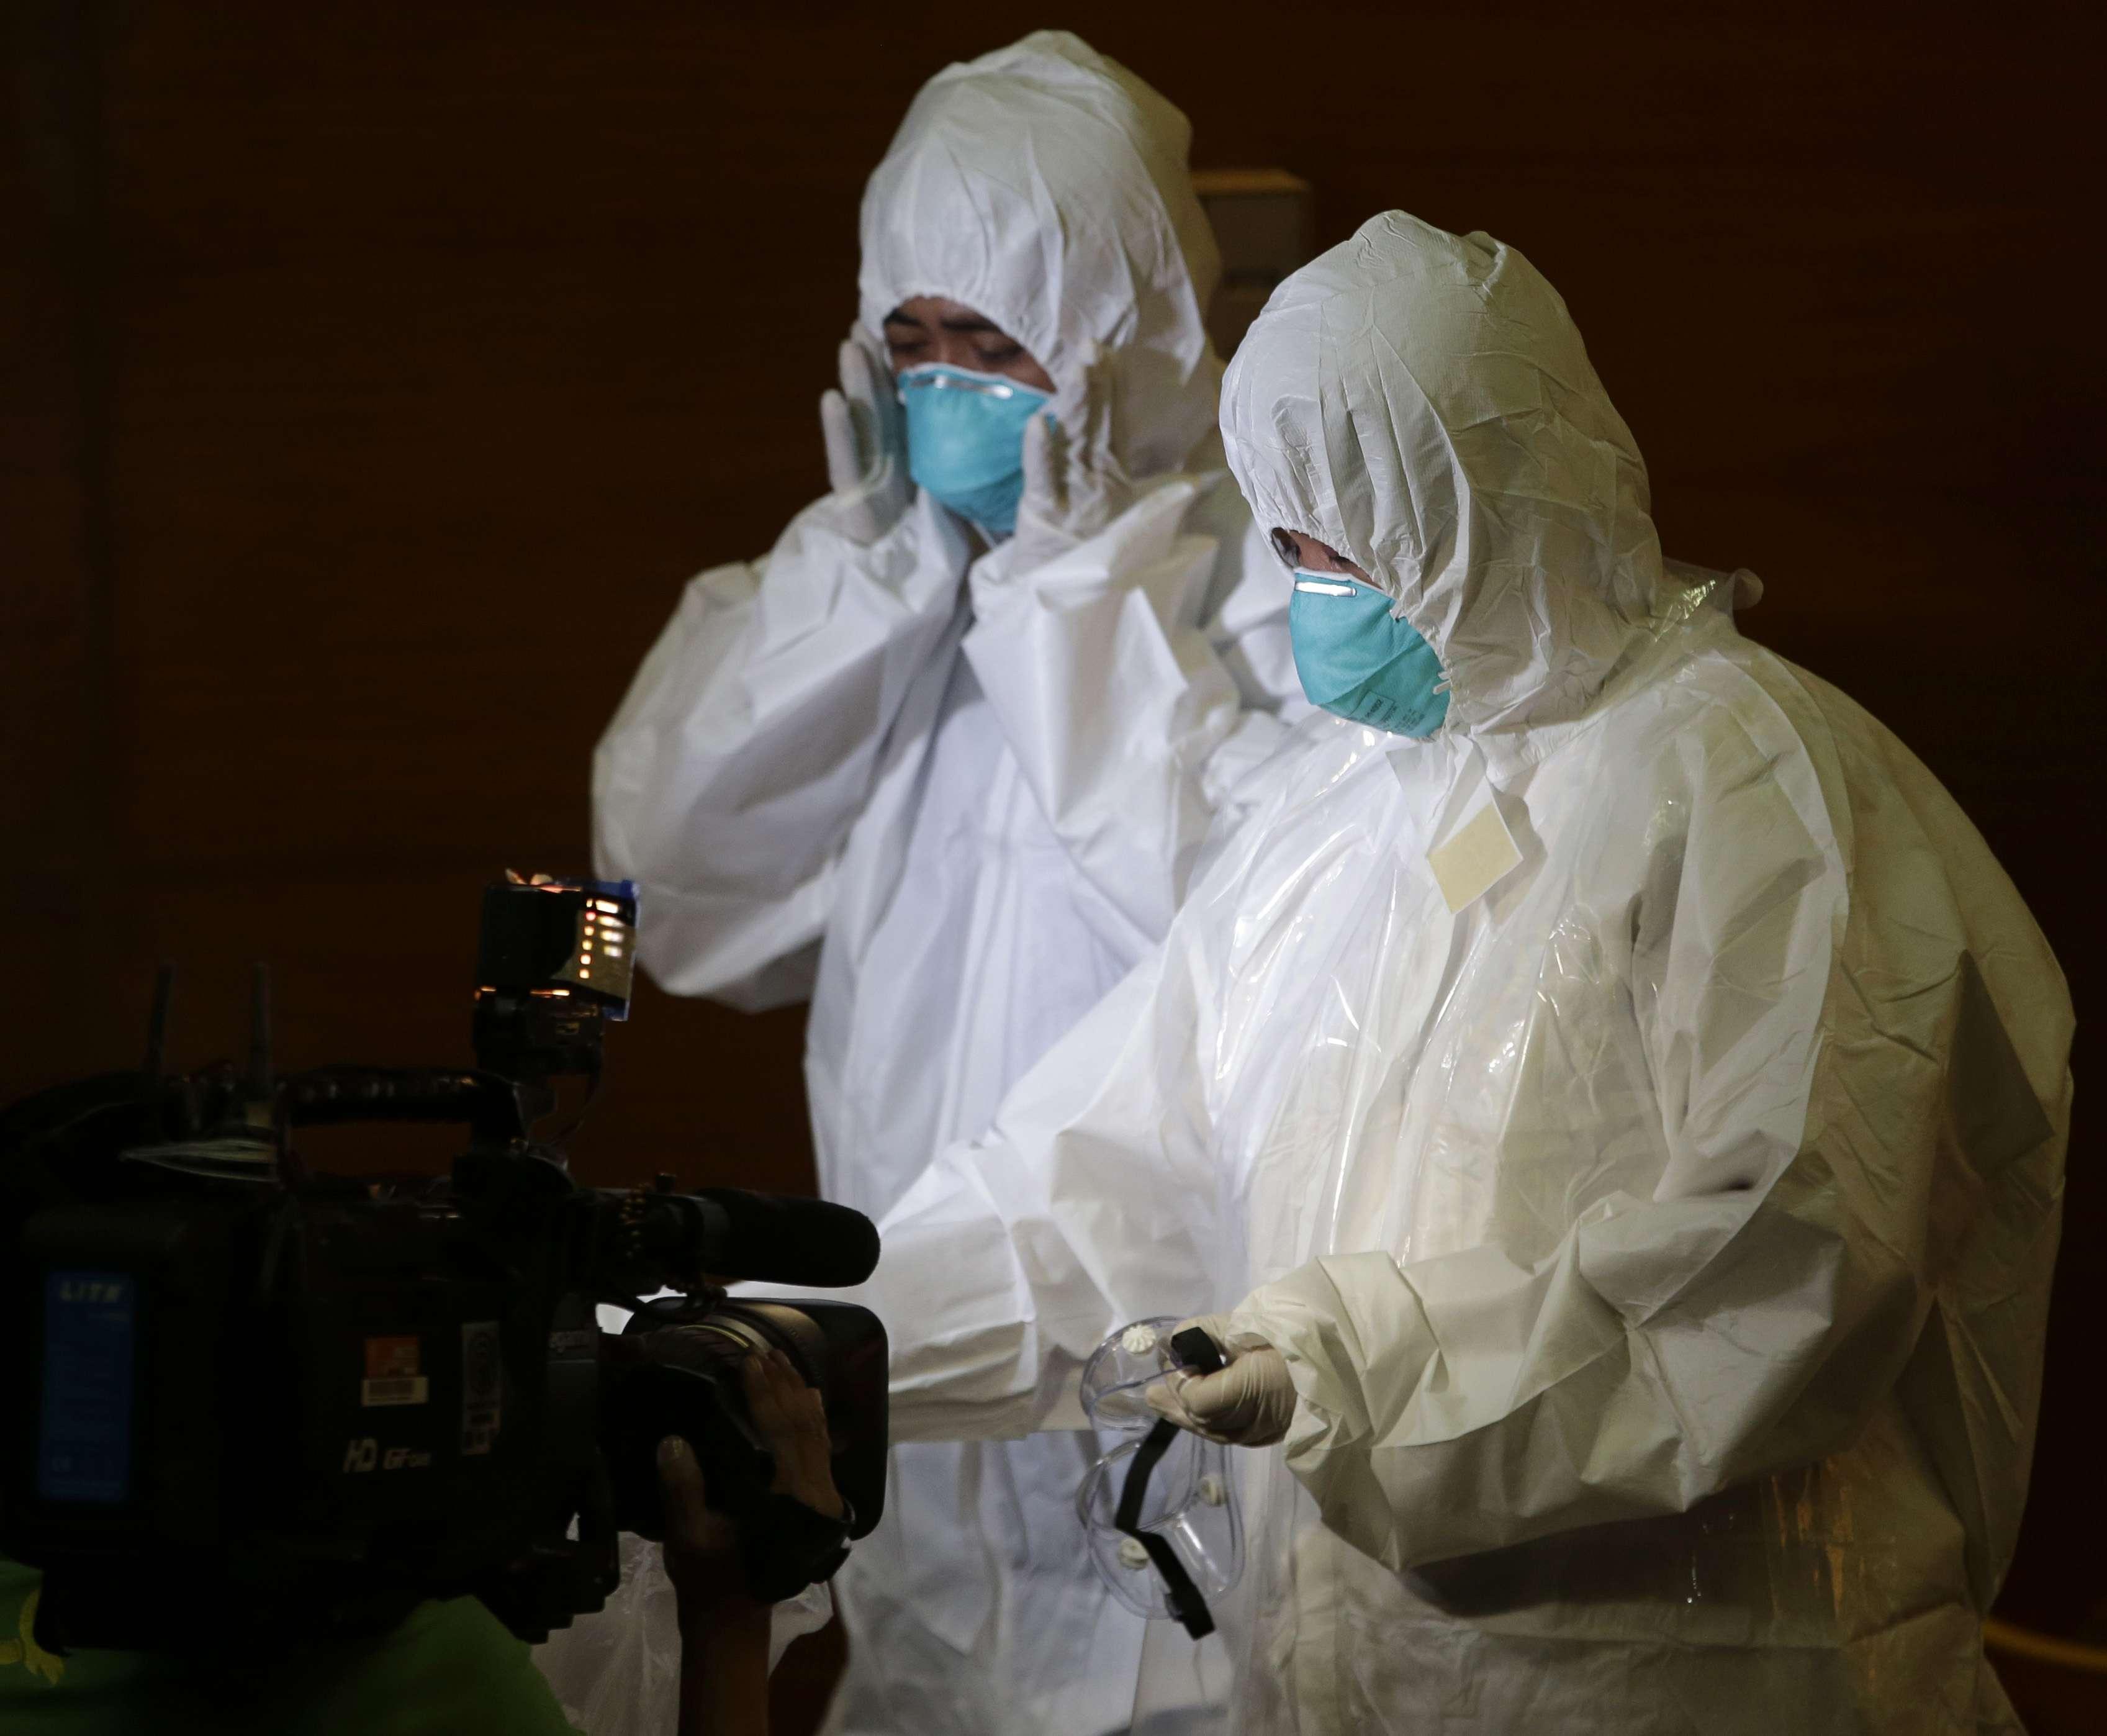 La Organización Mundial de la Salud registró 9,936 casos de infección en siete países diferentes y la tasa de mortalidad del ébola es del 70%. Foto: Archivo/AP en español